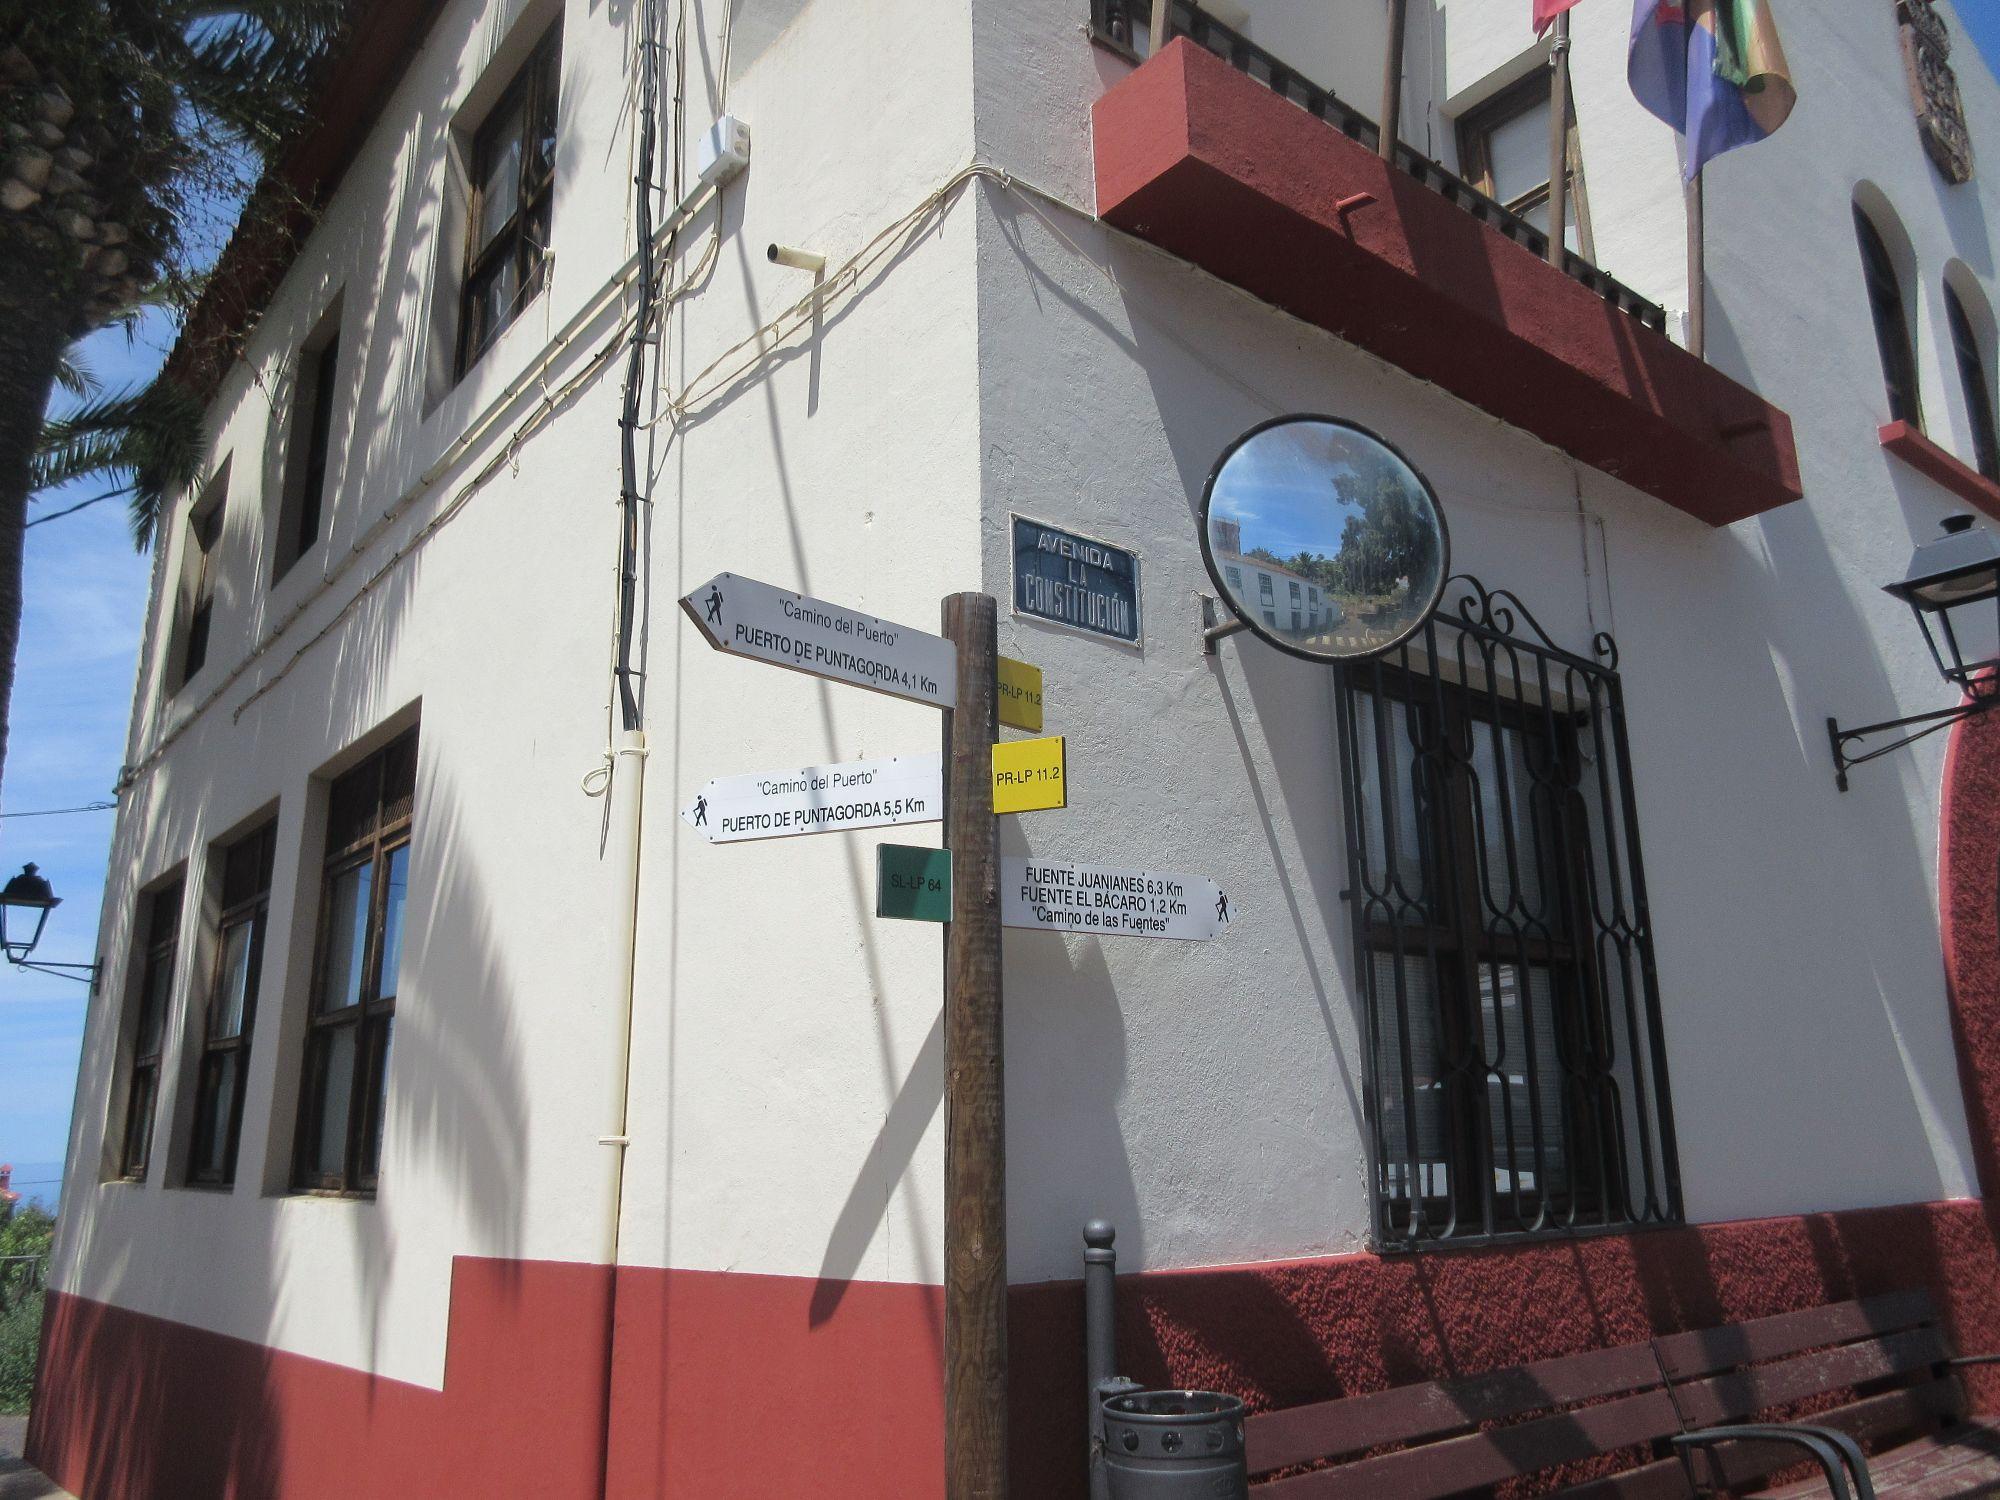 Ayuntamiento Puntagorda Town Hall